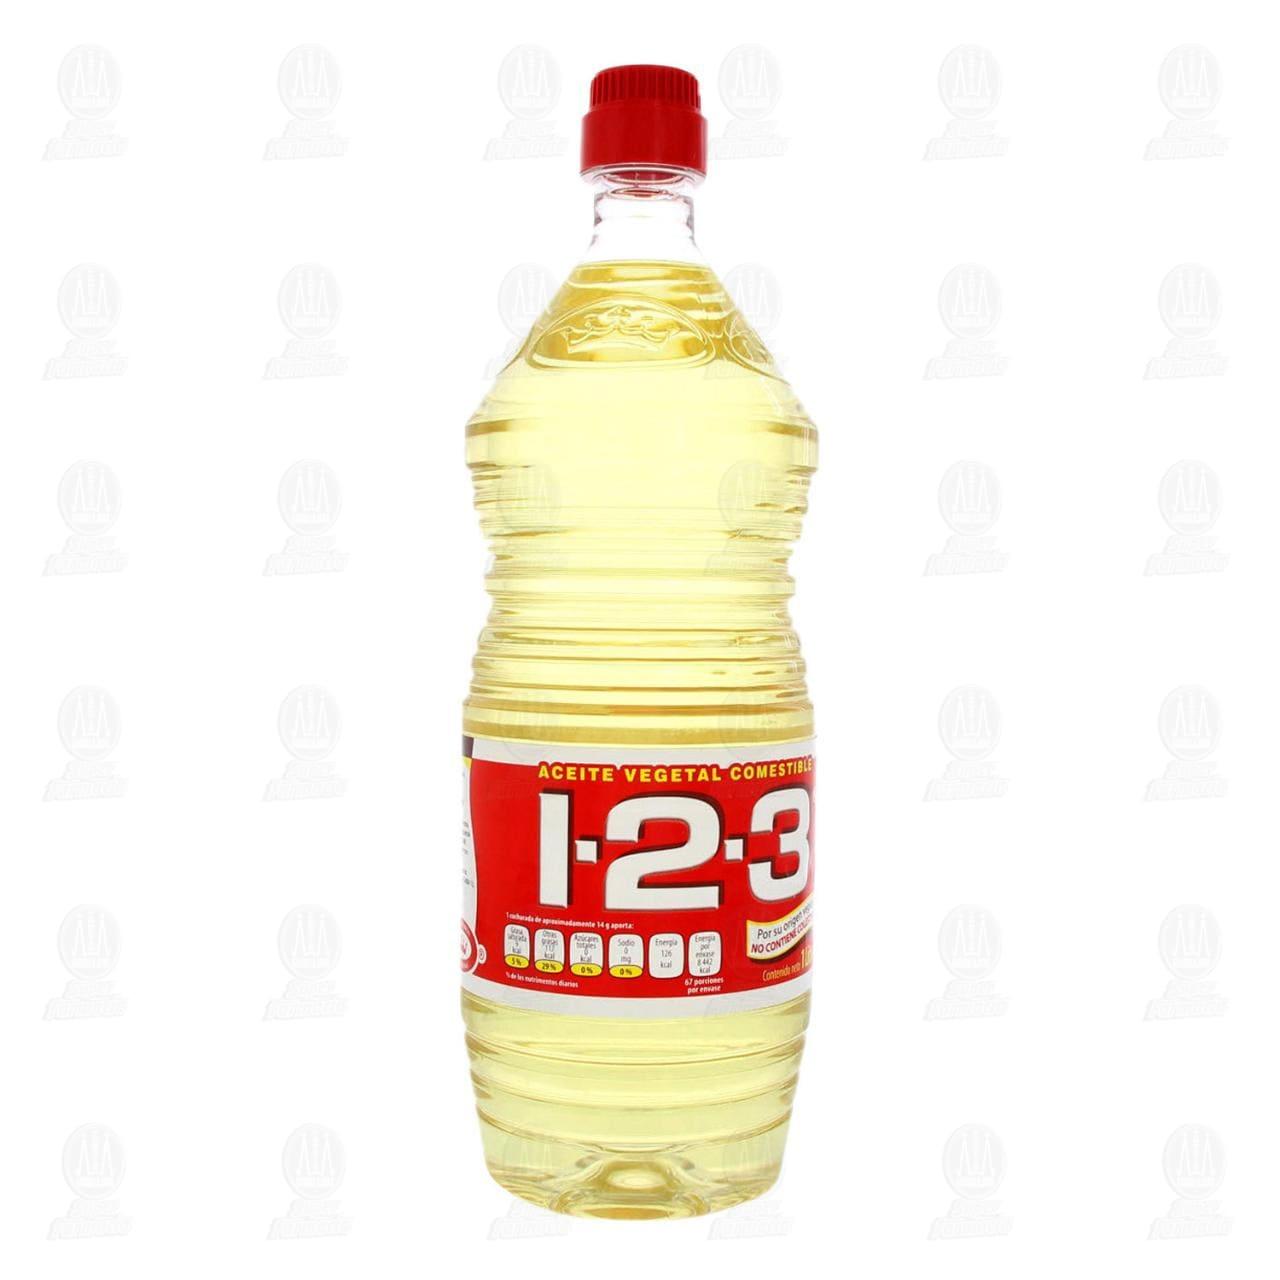 Aceite Comestible 1-2-3 de Origen Vegetal, 1 l.